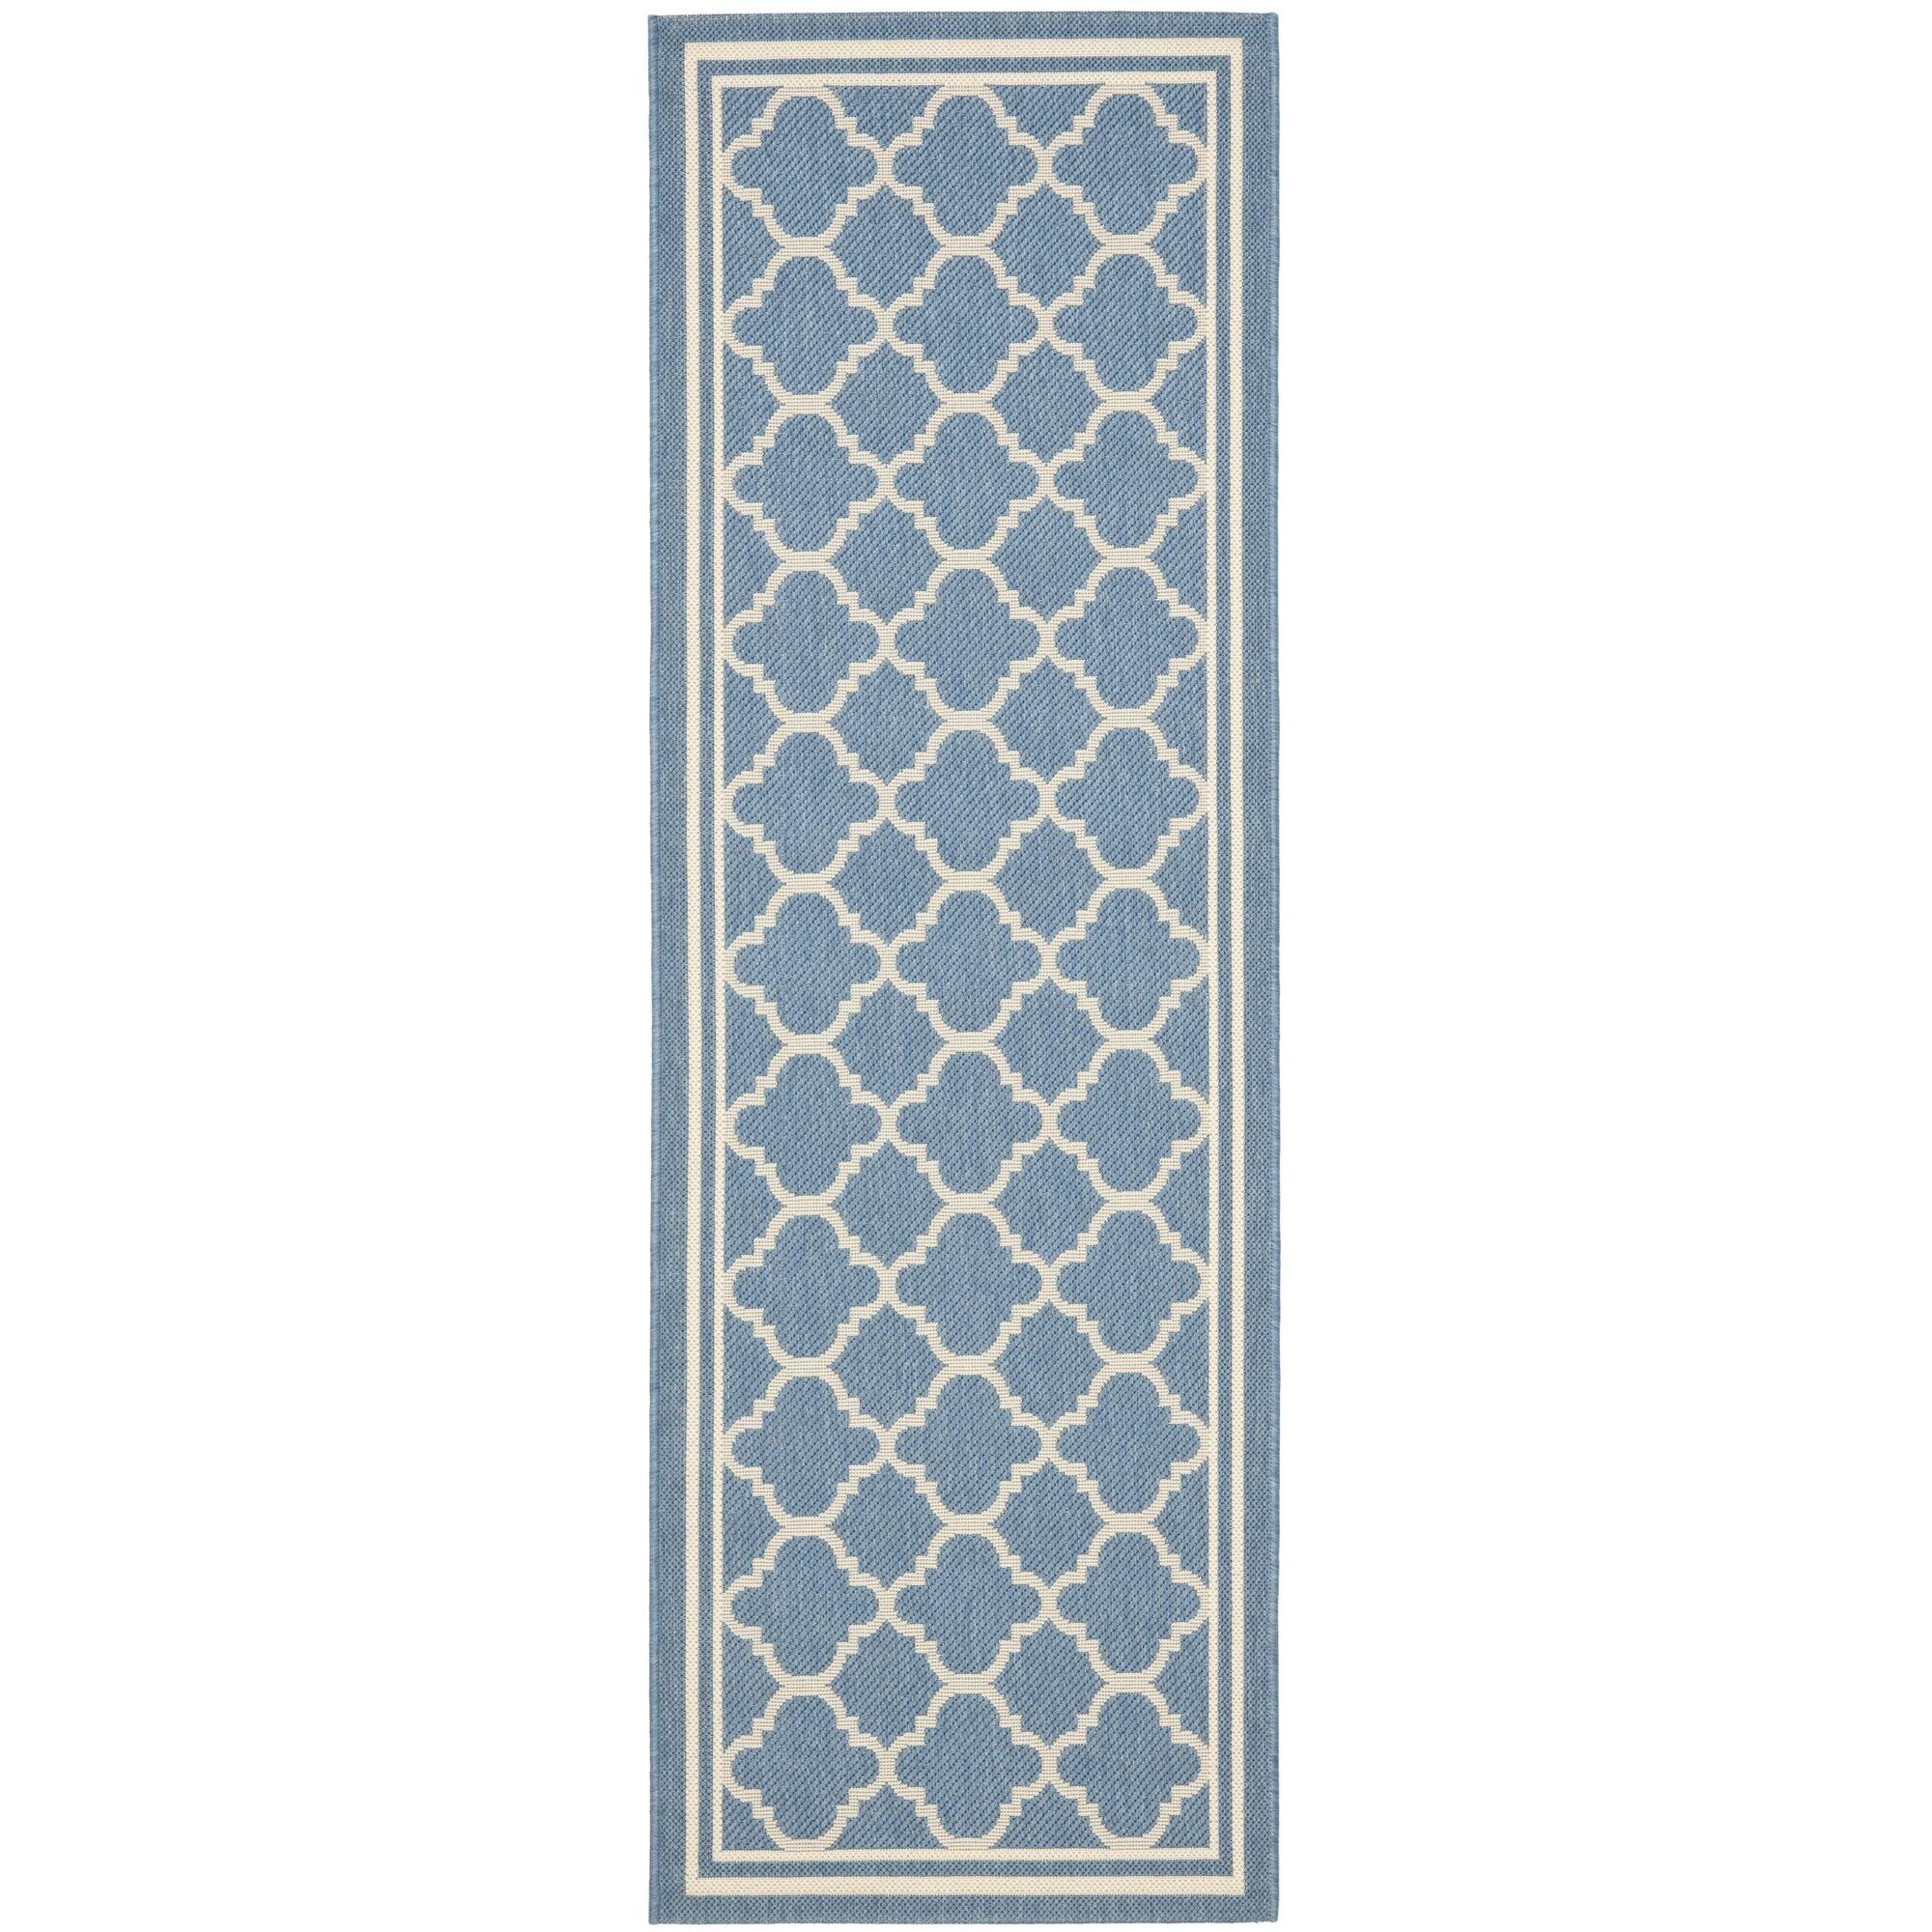 Bexton Blue Indoor/Outdoor Area Rug Rug Size: Runner 2'3